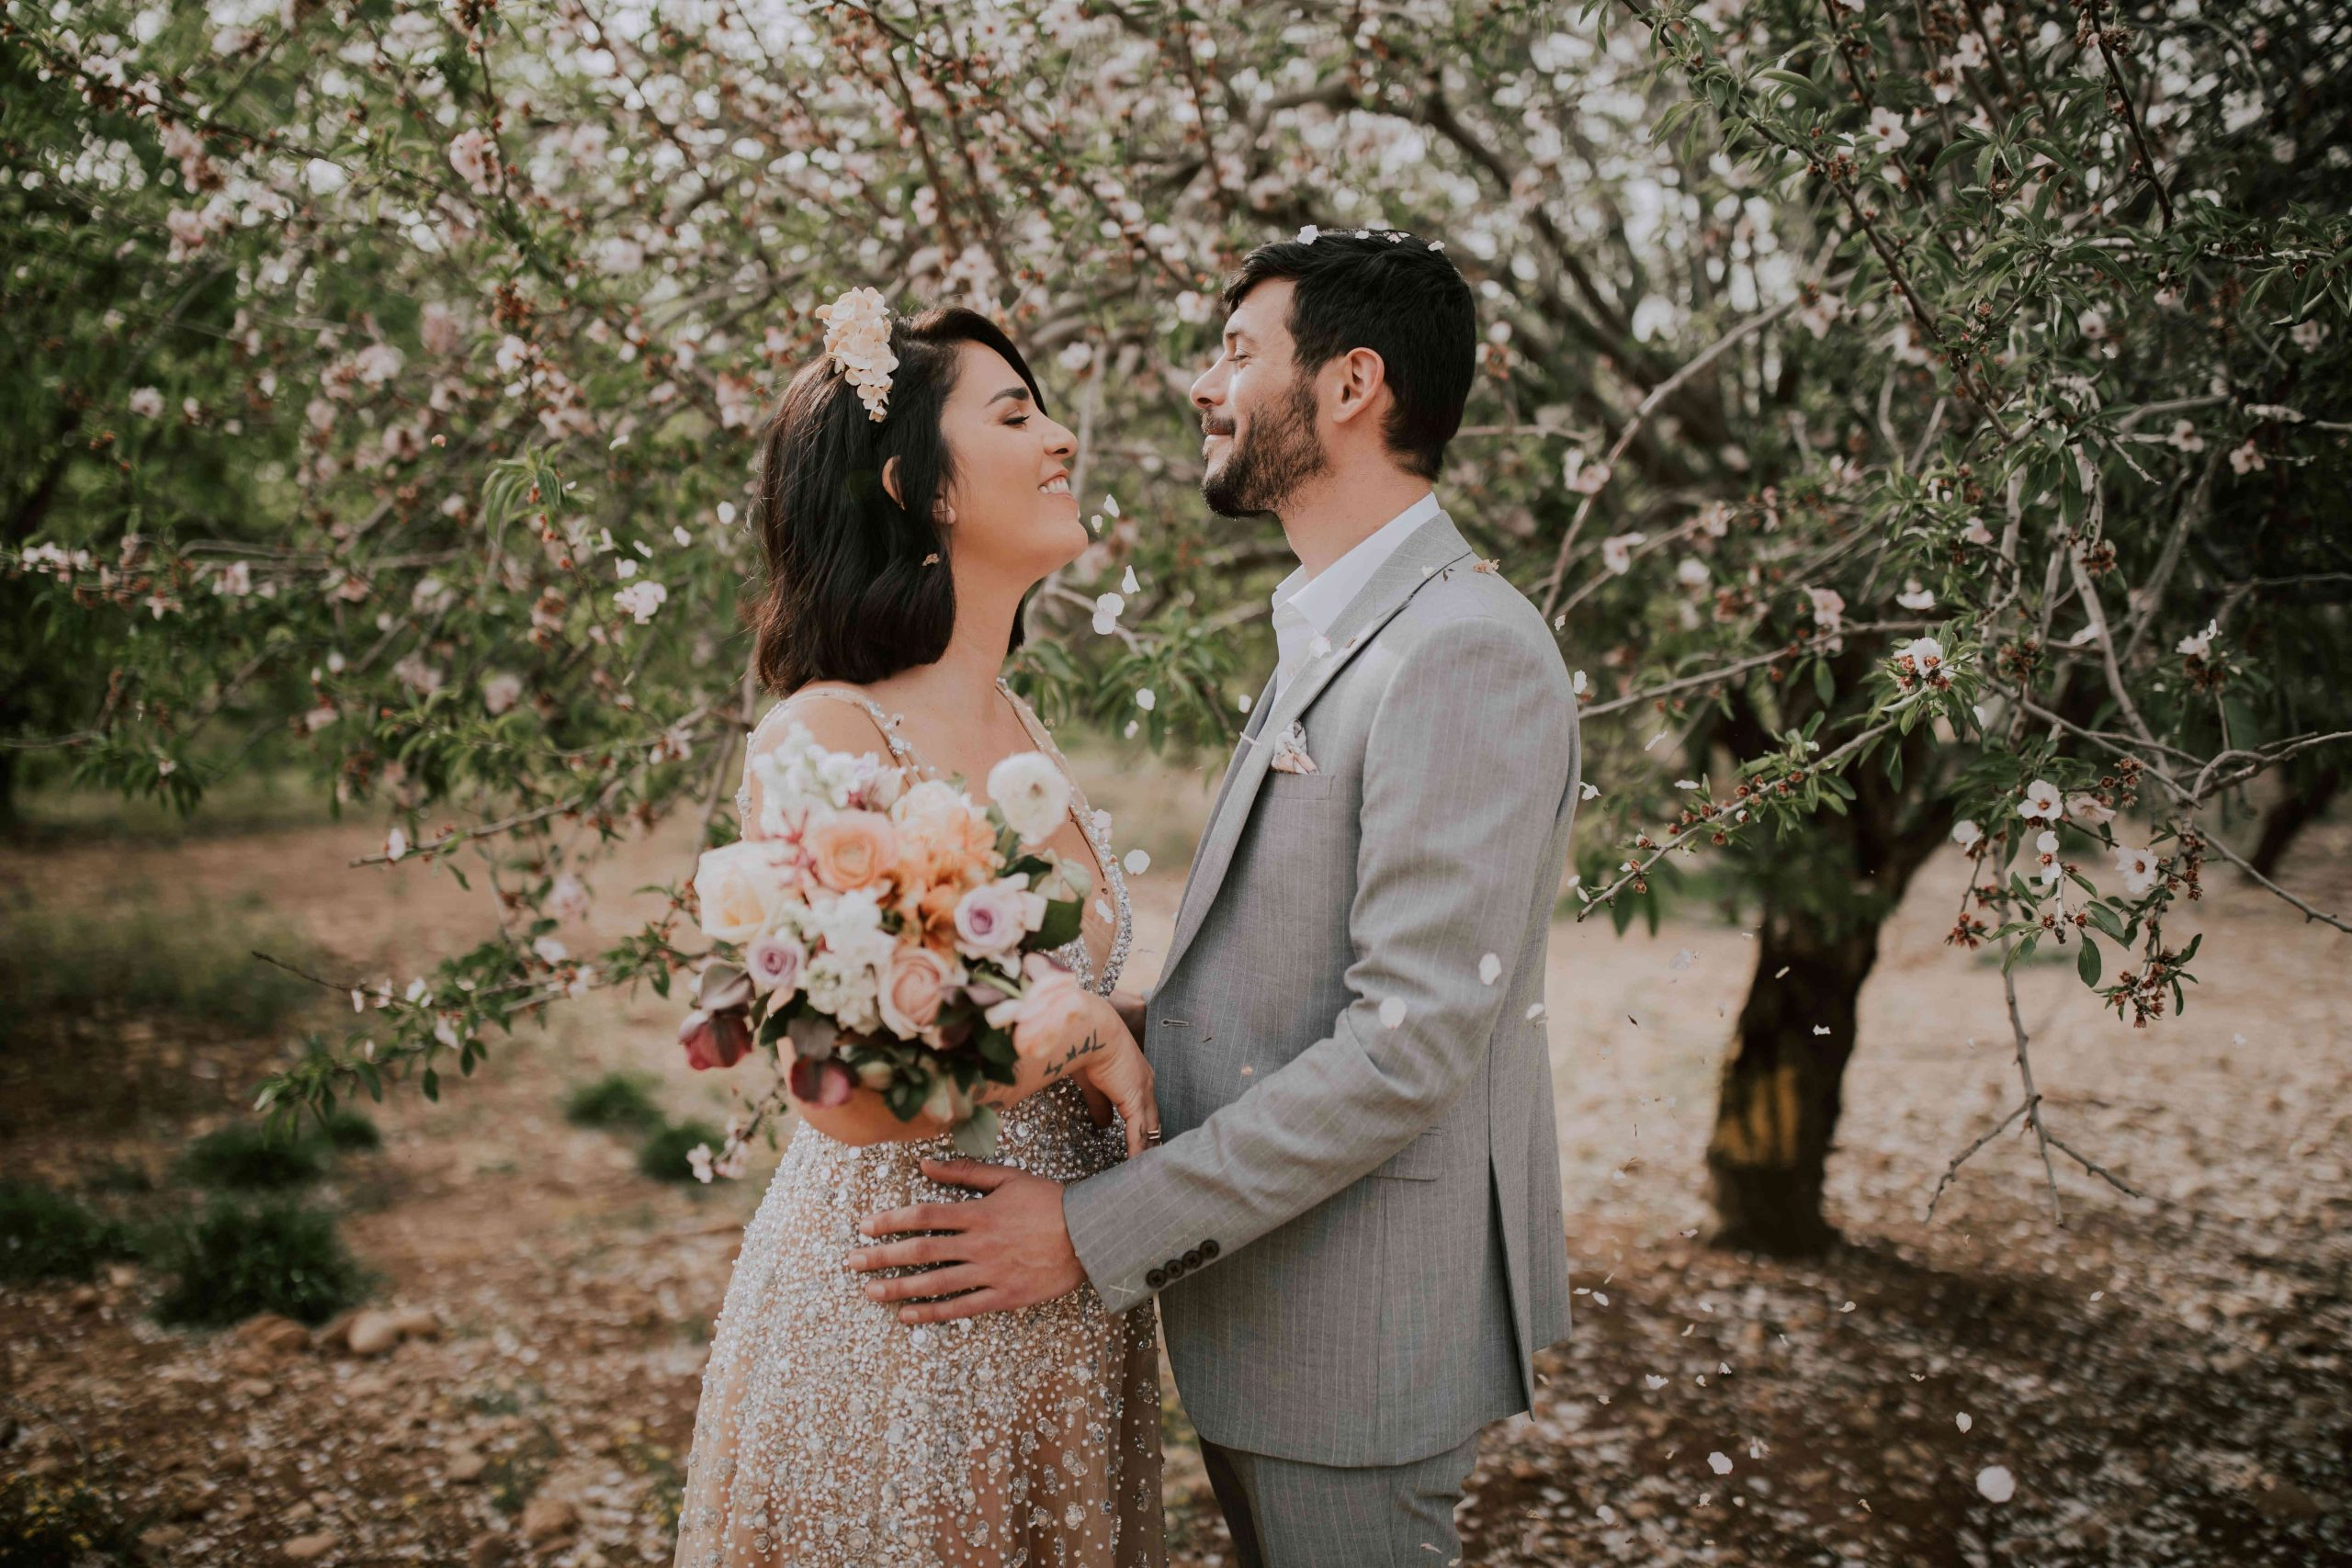 טוסקנה ליד ירושלים: חתונה קטנה ביקב פסטורלי